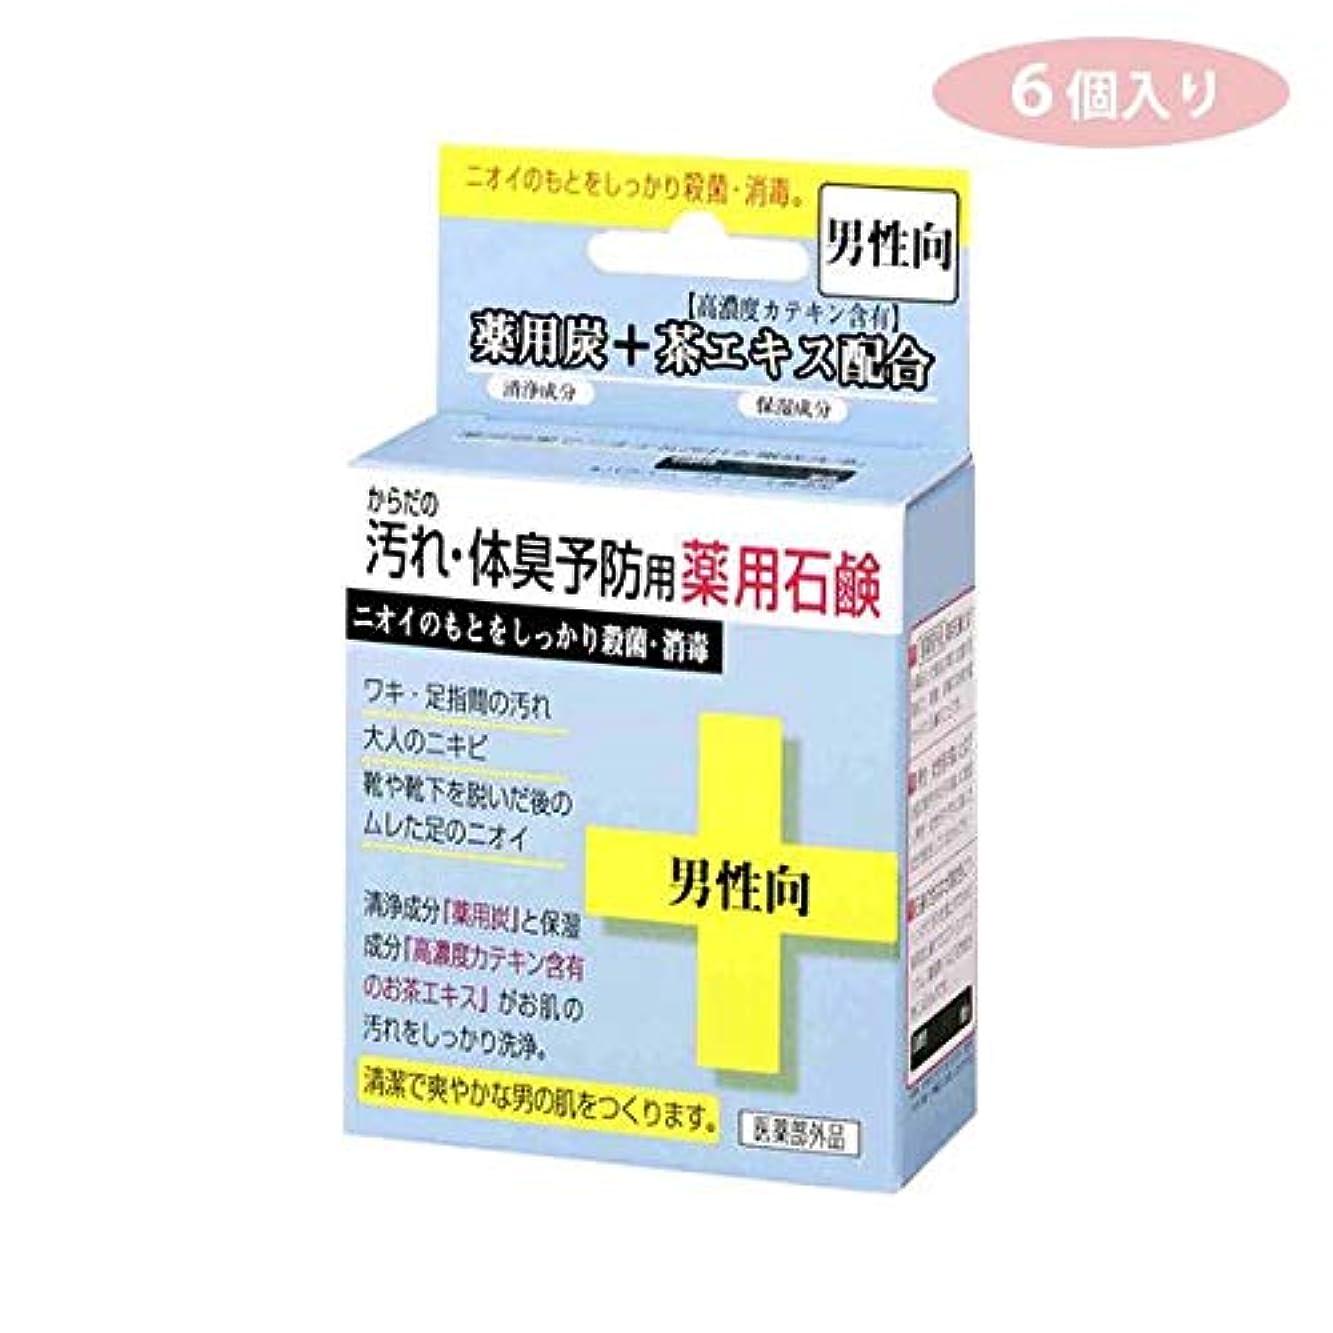 アンソロジーめまいテントCTY-SM 6個入り からだの汚れ?体臭予防用 薬用石鹸 男性向き